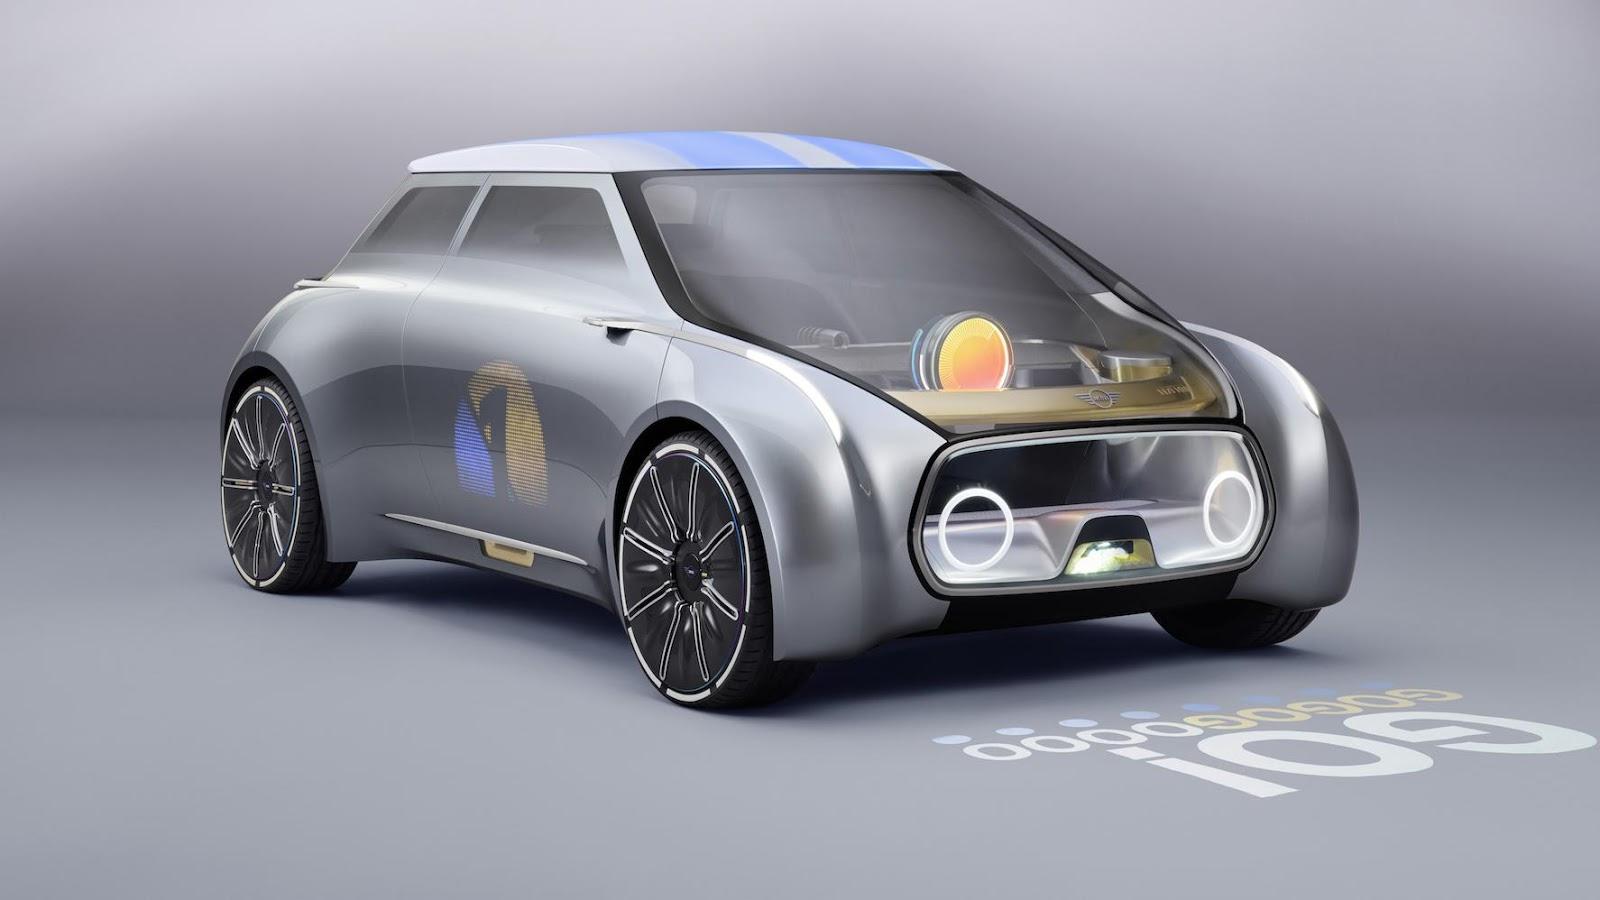 Mini Concept Vision 100 vẫn giữ nguyên nét đặc sắc trong thiết kế